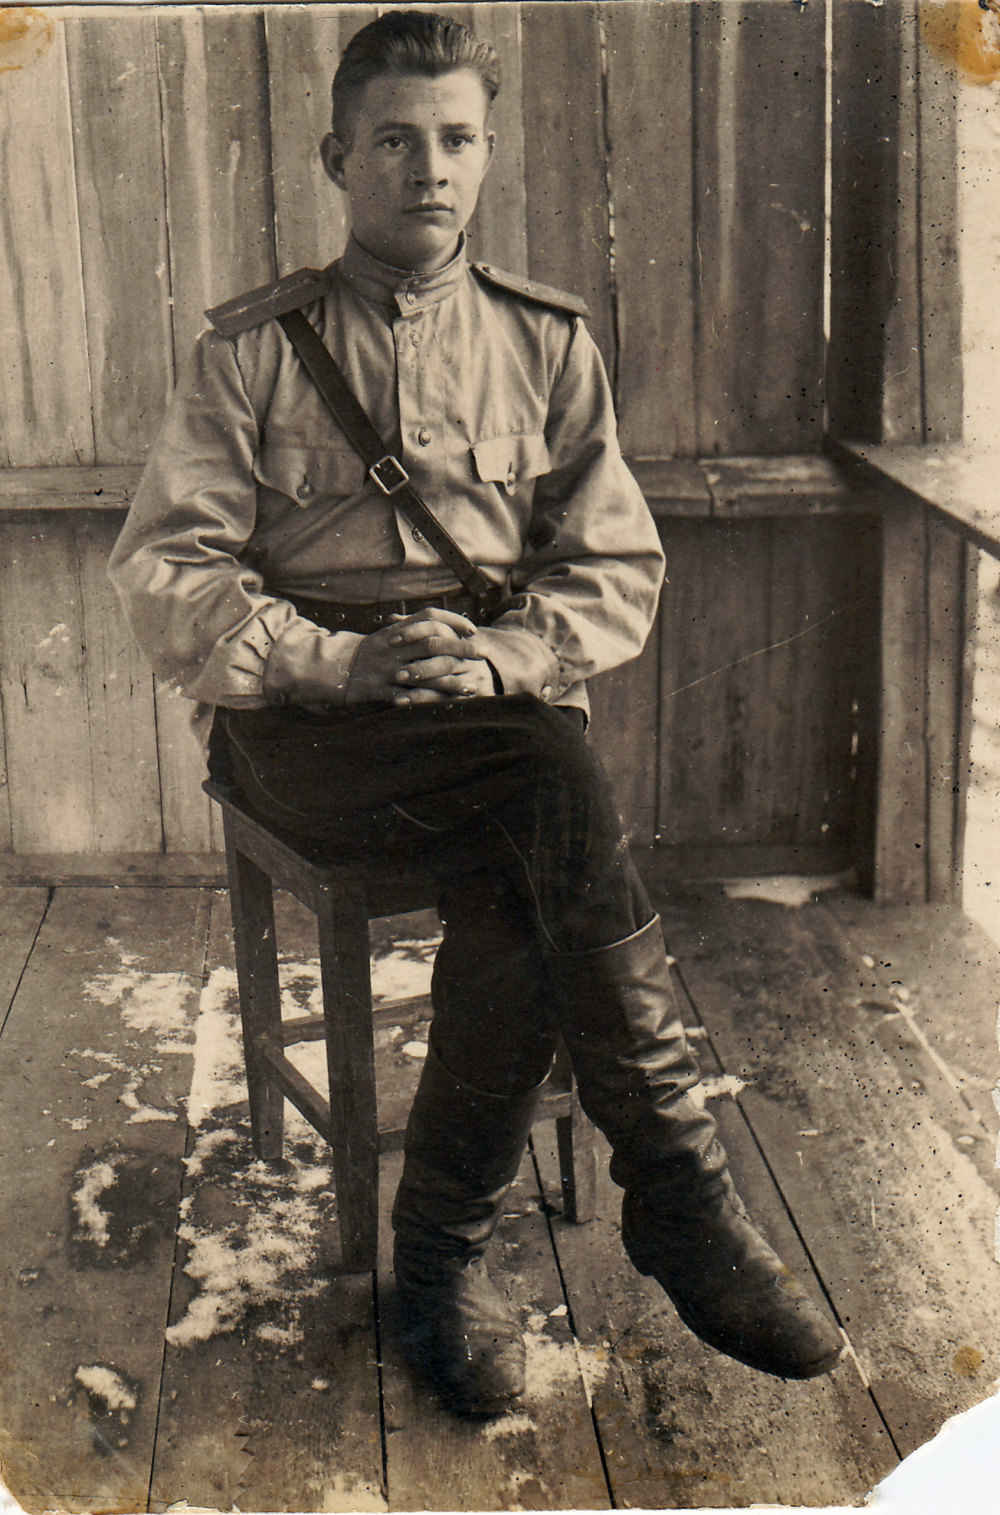 Командир пулеметного взвода младший лейтенант Михаил Линьков